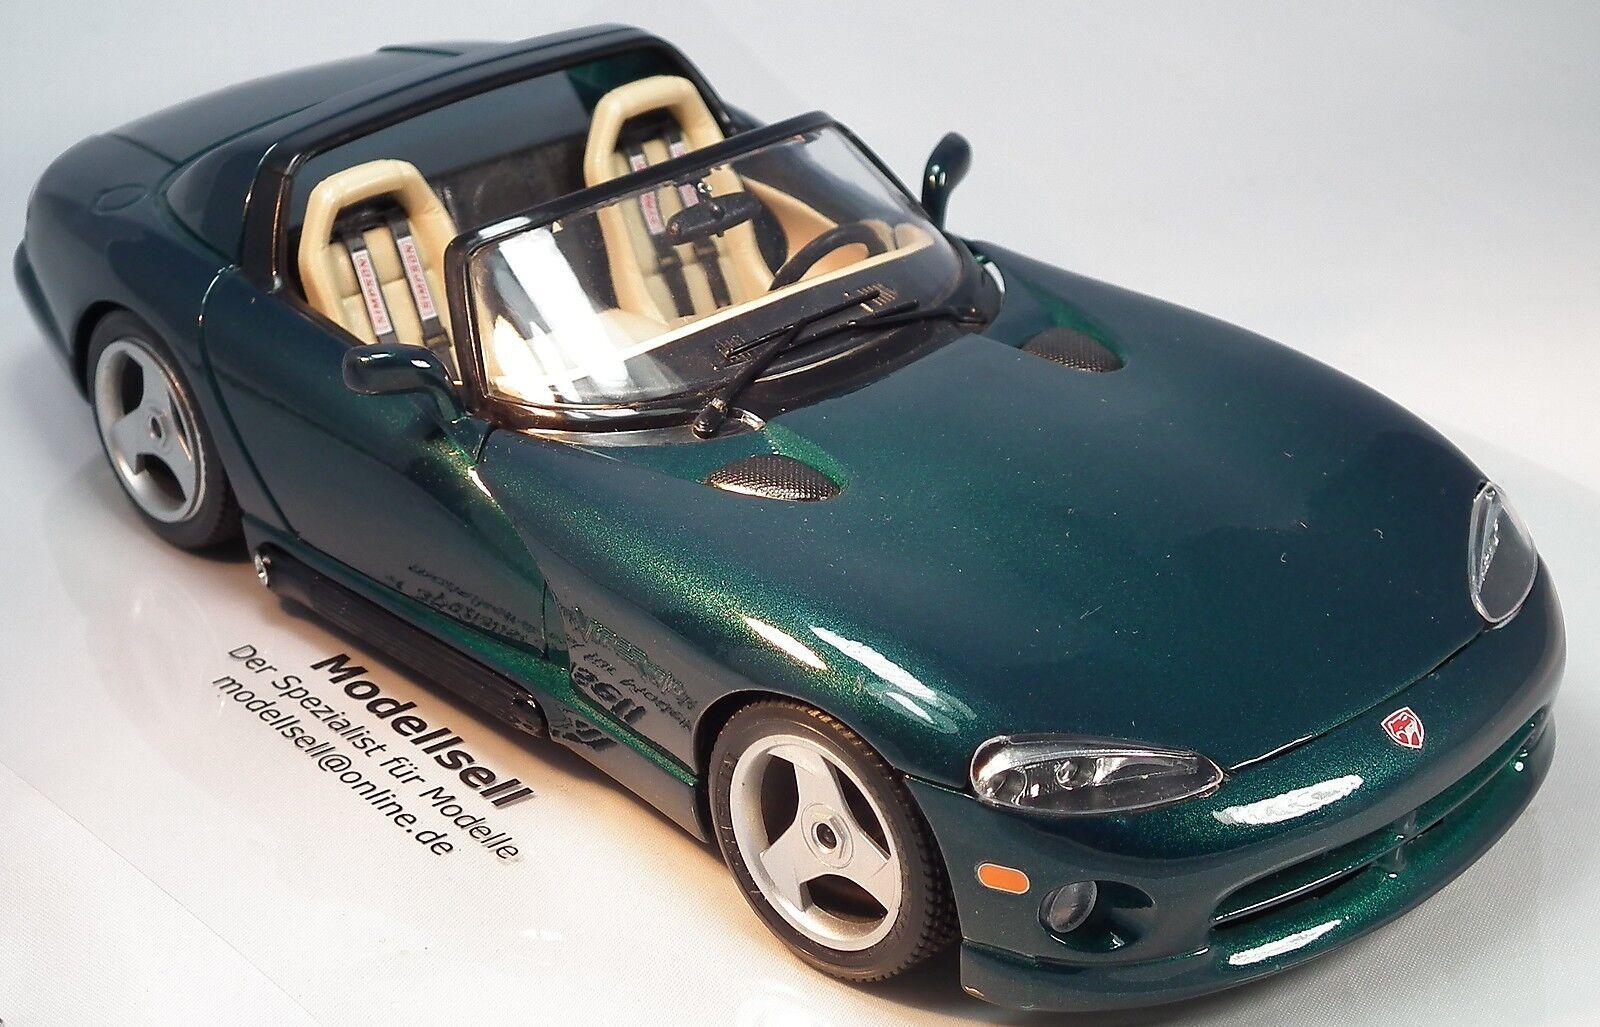 Dodge Viper RT 10 Cabrio  im Maßstab 1 18  Modellauto von Burago    Meistverkaufte weltweit